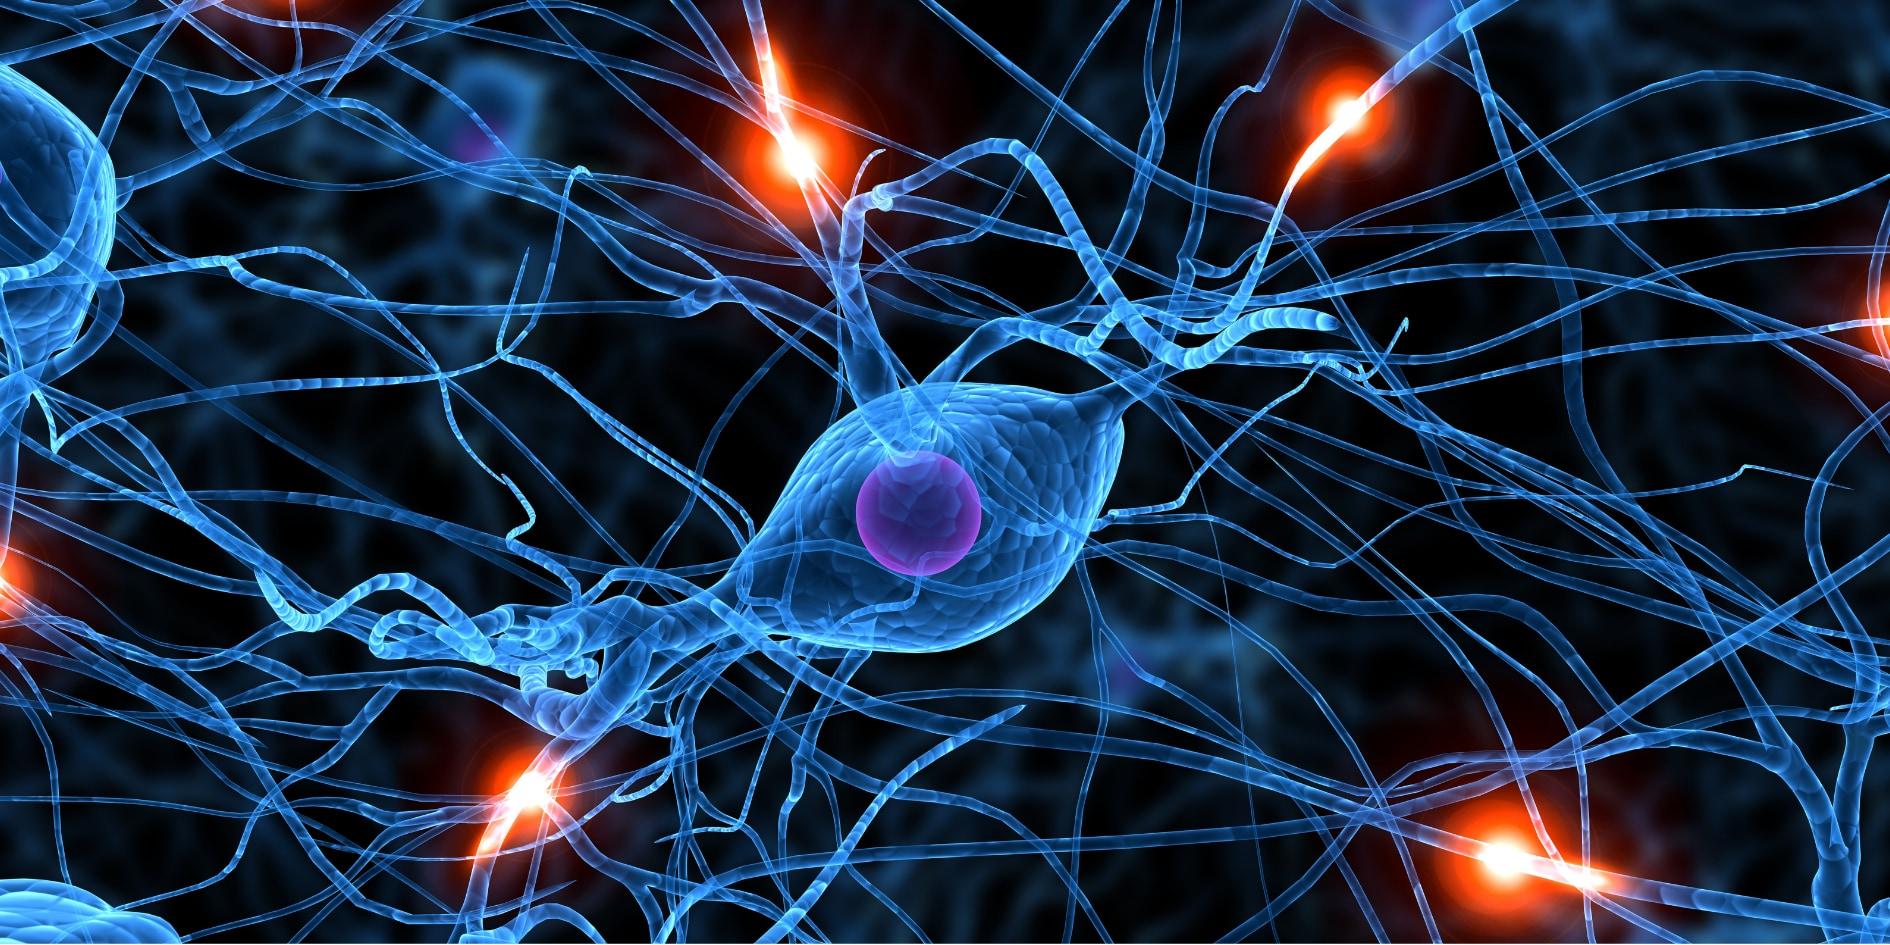 短期記憶を長期記憶にするには「習慣の壁」を超える必要があると判明